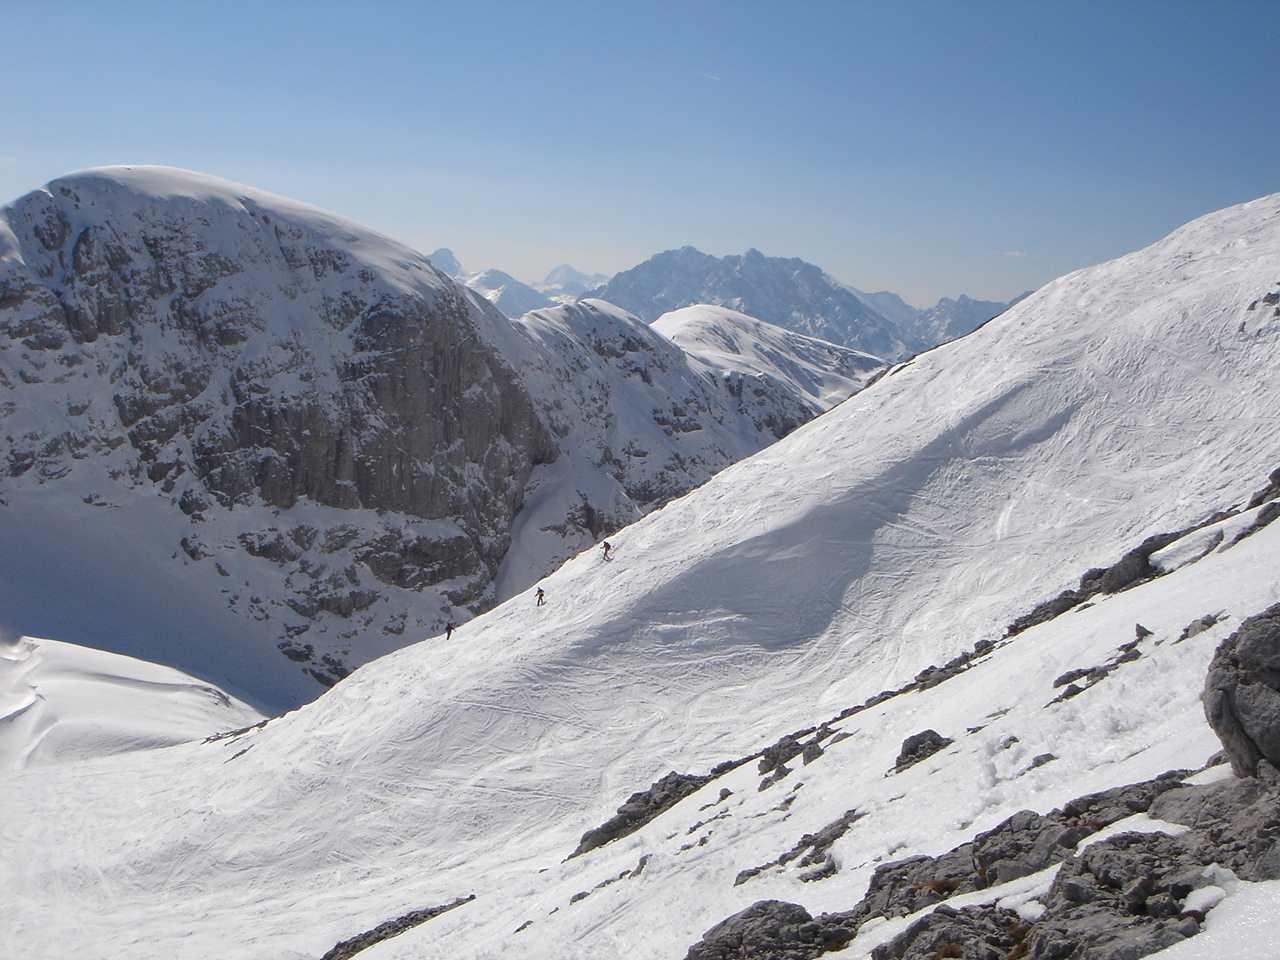 Foto: Manfred Karl / Ski Tour / Hoher Göll, 2522m / Meist herrschen pistenartige Verhältnisse, was nicht unbedingt immer ein Nachteil sein muss. / 18.05.2007 06:42:47